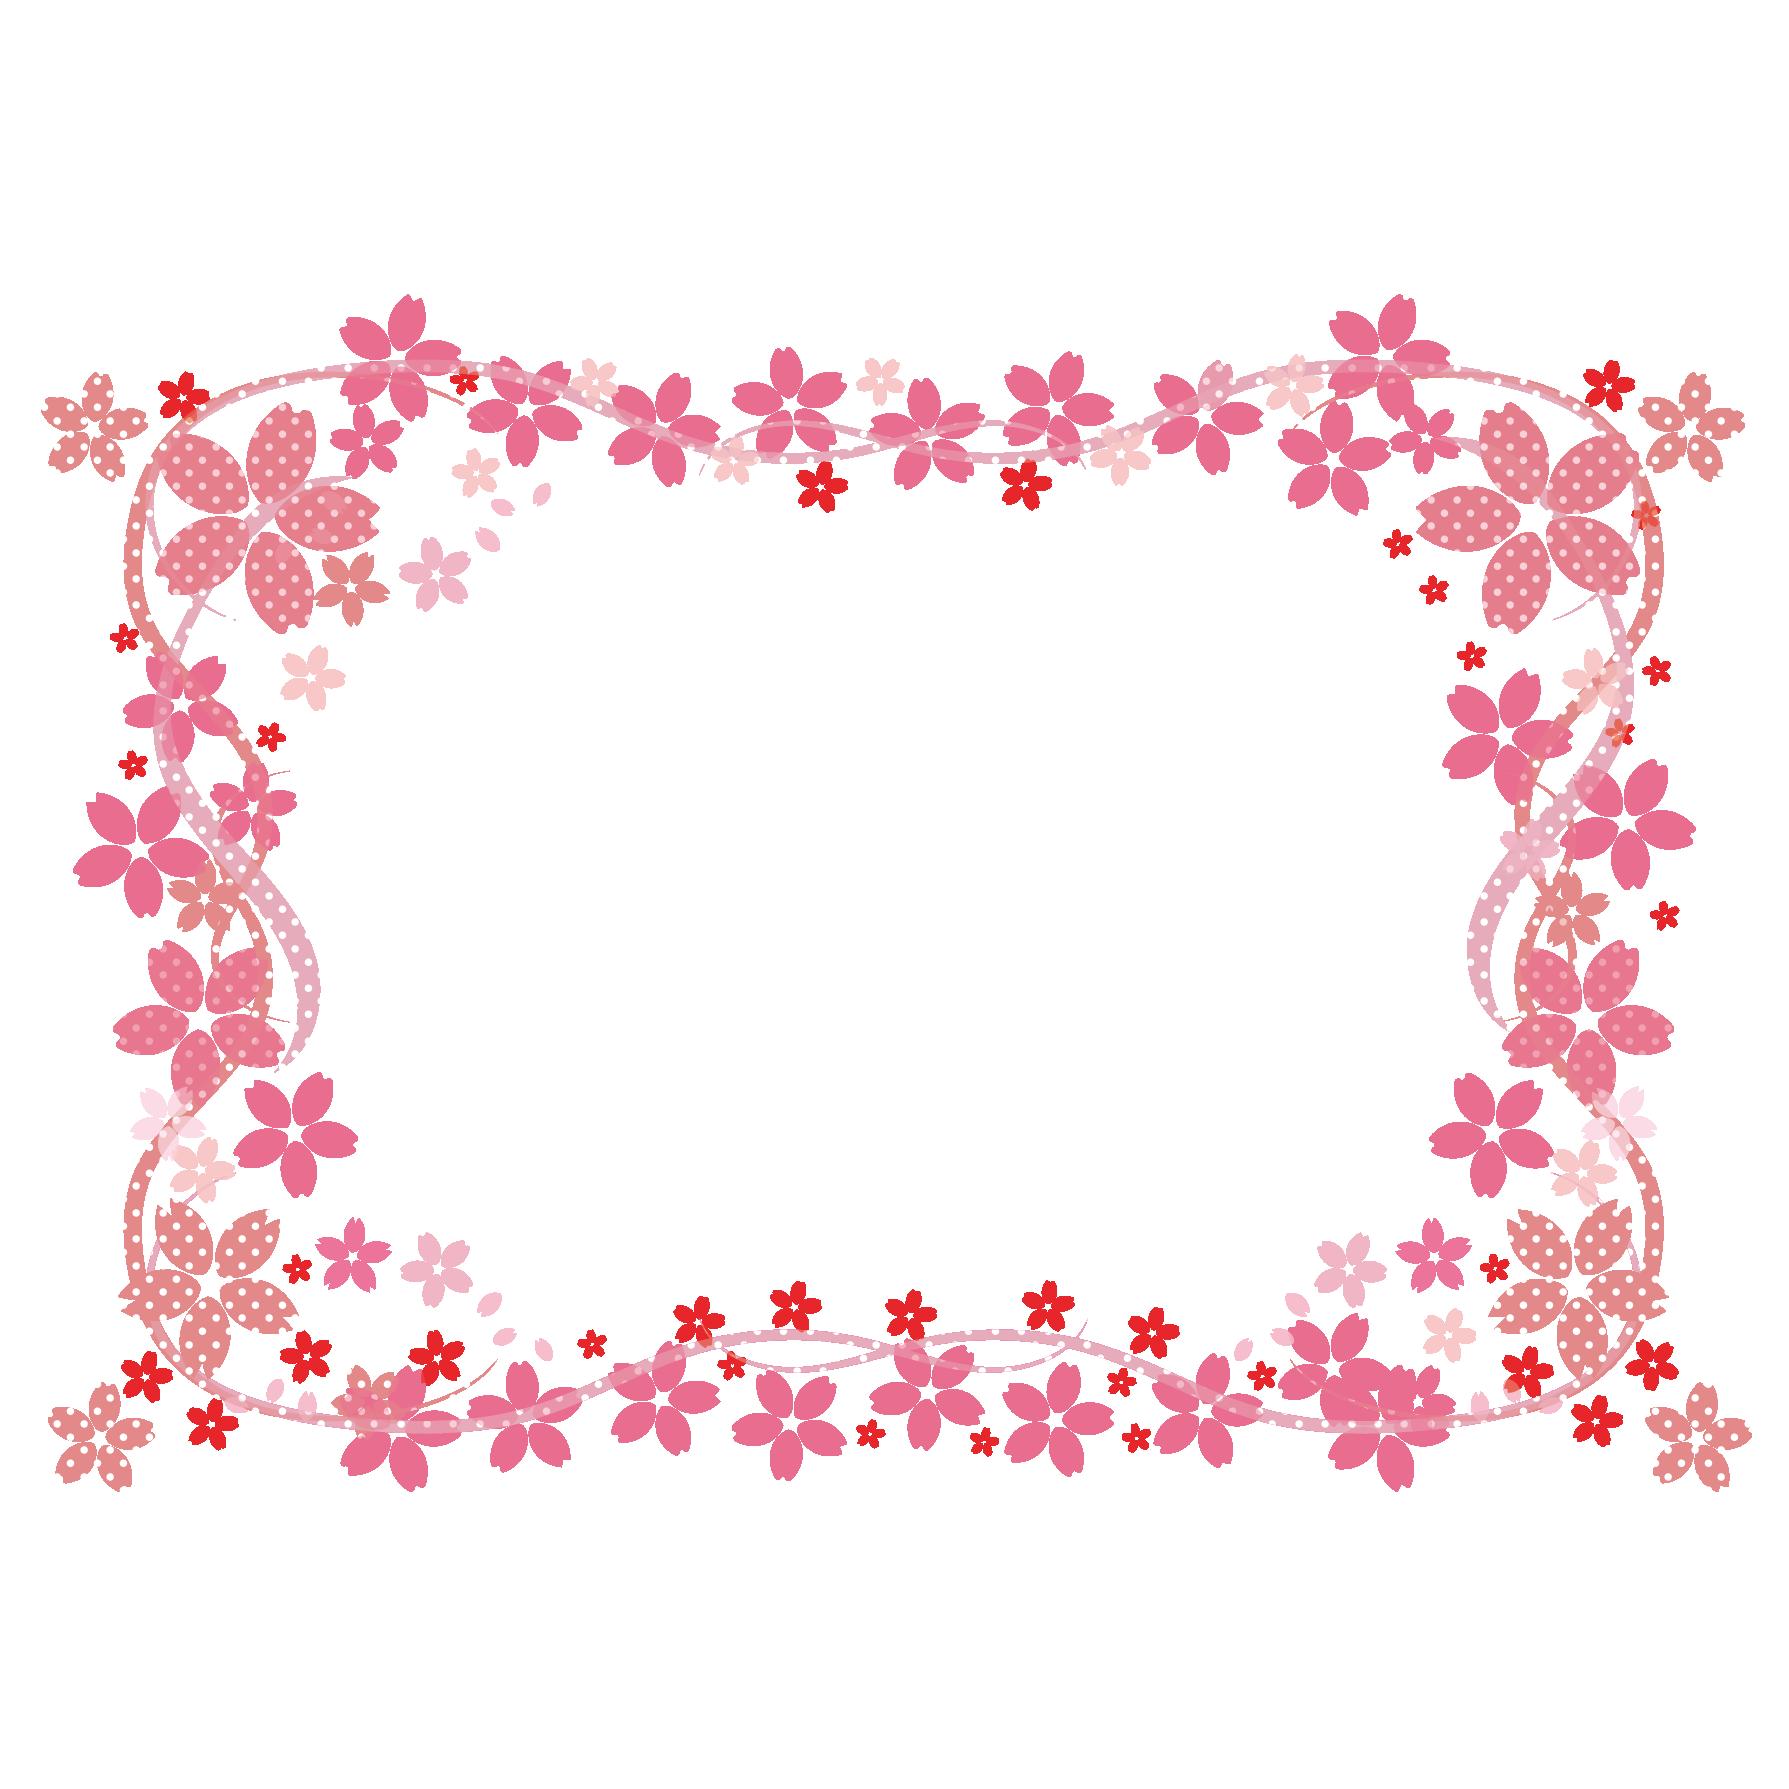 和風だけどかわいい♪桜のフレームデザイン イラスト | 商用フリー